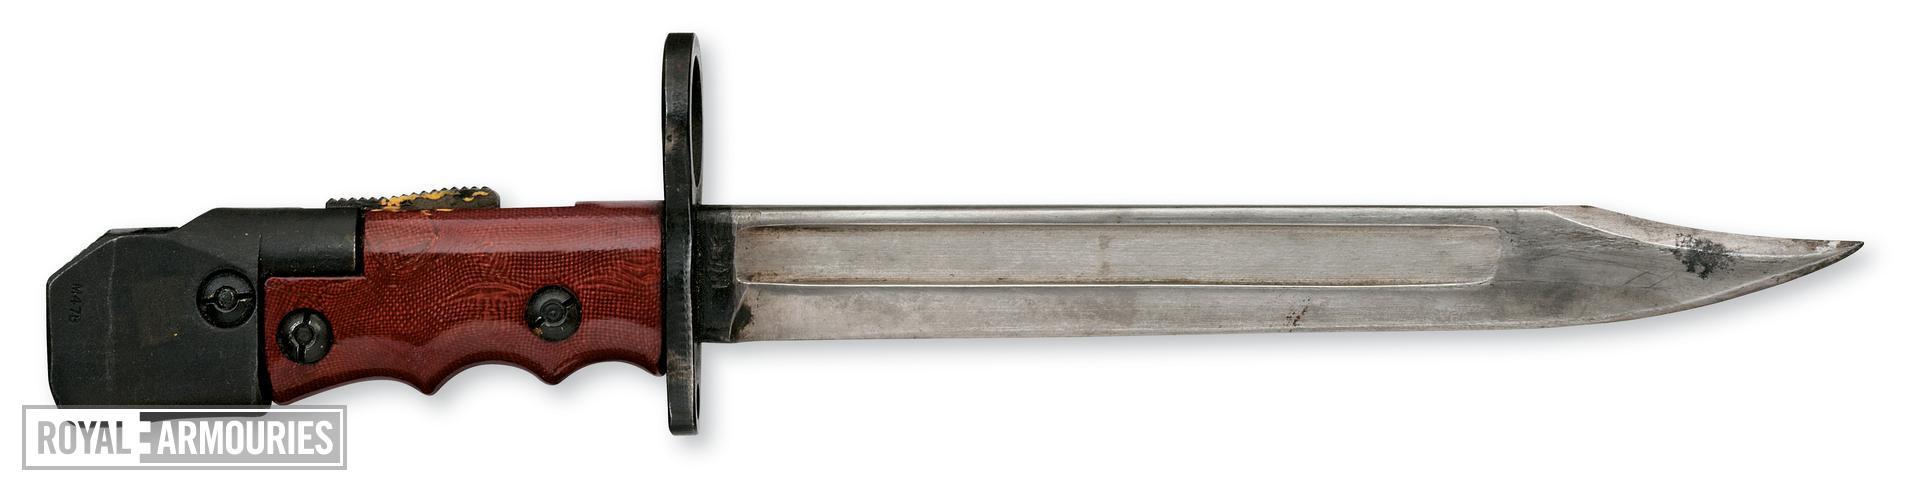 Bayonet Bayonet for No7 Mk 1 Knife